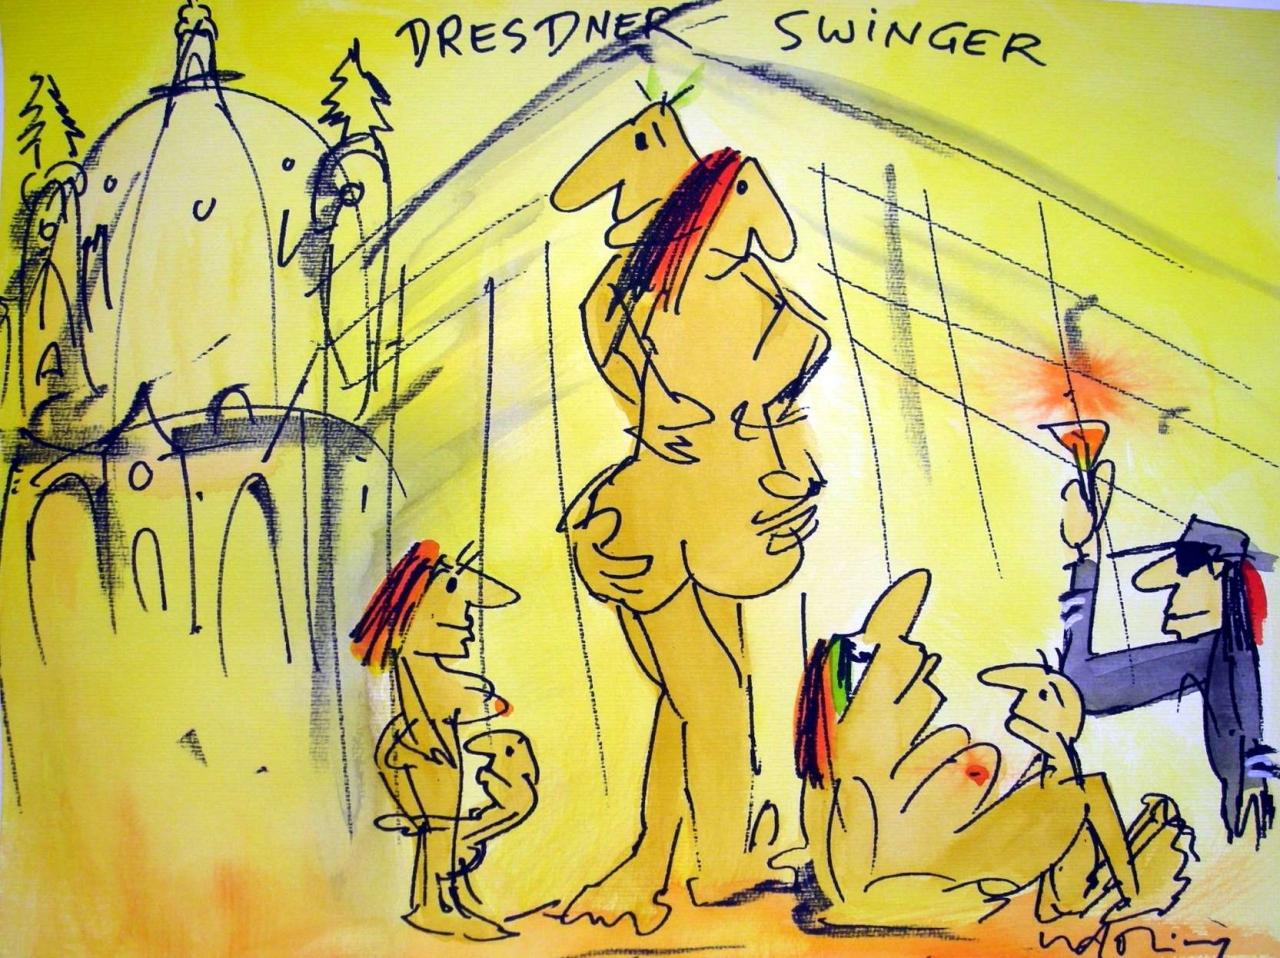 Dresdner Swinger